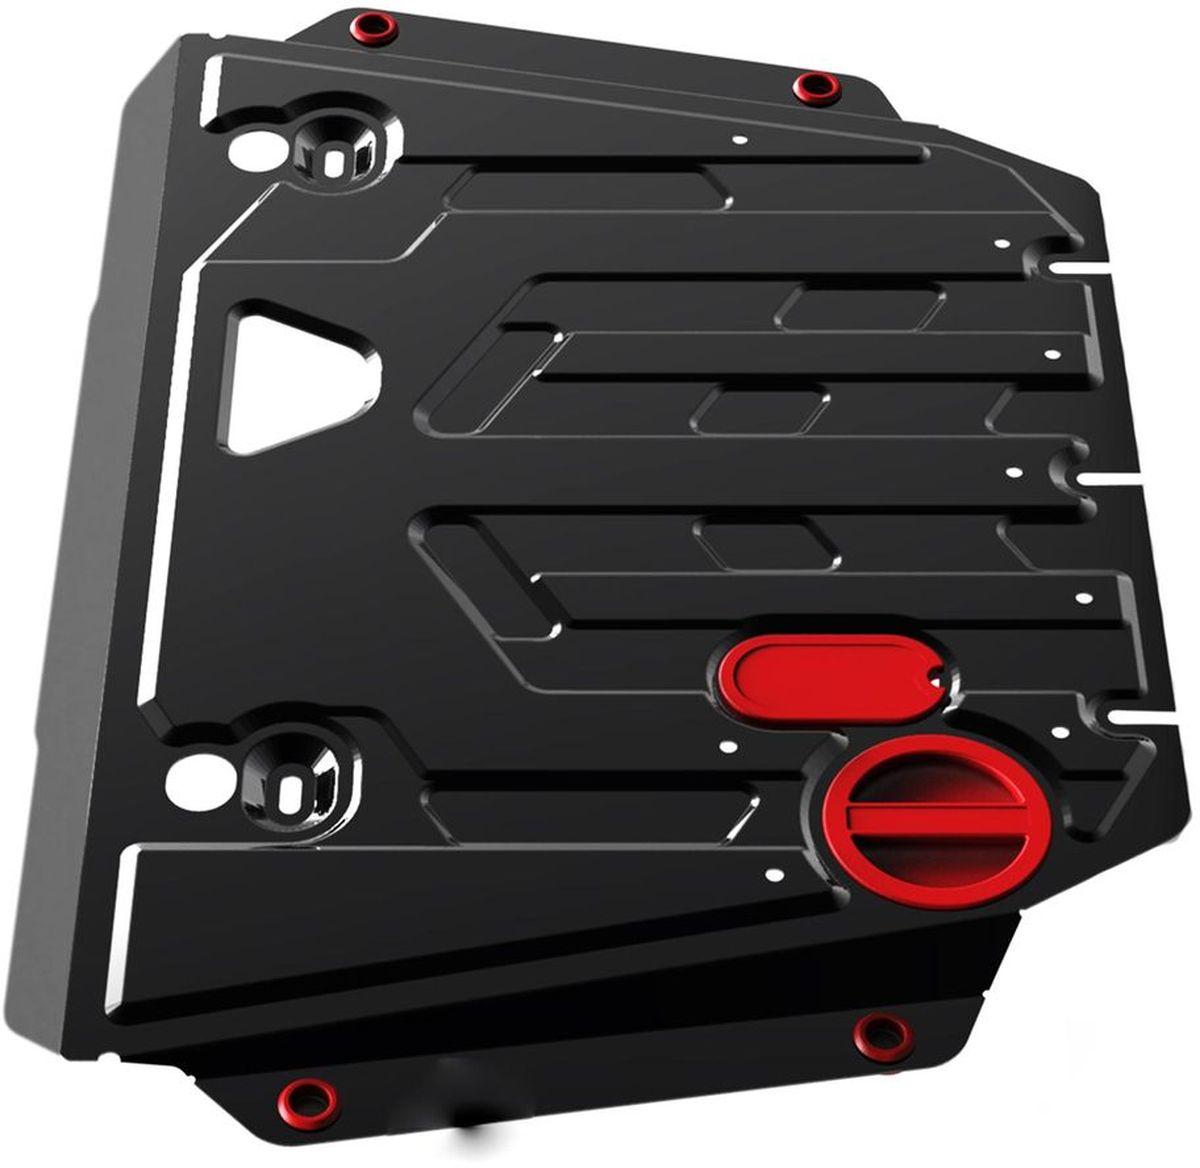 Защита картера и КПП Автоброня, для Chery Fora V - 1,6; 2,0 (2006-) / ТАГАЗ Vortex Estina, V - 1.6.2.0 (2008-)111.00902.3Технологически совершенный продукт за невысокую стоимость. Защита разработана с учетом особенностей днища автомобиля, что позволяет сохранить дорожный просвет с минимальным изменением. Защита устанавливается в штатные места кузова автомобиля. Глубокий штамп обеспечивает до двух раз больше жесткости в сравнении с обычной защитой той же толщины. Проштампованные ребра жесткости препятствуют деформации защиты при ударах. Тепловой зазор и вентиляционные отверстия обеспечивают сохранение температурного режима двигателя в норме. Скрытый крепеж предотвращает срыв крепежных элементов при наезде на препятствие. Шумопоглощающие резиновые элементы обеспечивают комфортную езду без вибраций и скрежета металла, а съемные лючки для слива масла и замены фильтра - экономию средств и время. Конструкция изделия не влияет на пассивную безопасность автомобиля (при ударе защита не воздействует на деформационные зоны кузова). Со штатным крепежом. В комплекте инструкция по установке....